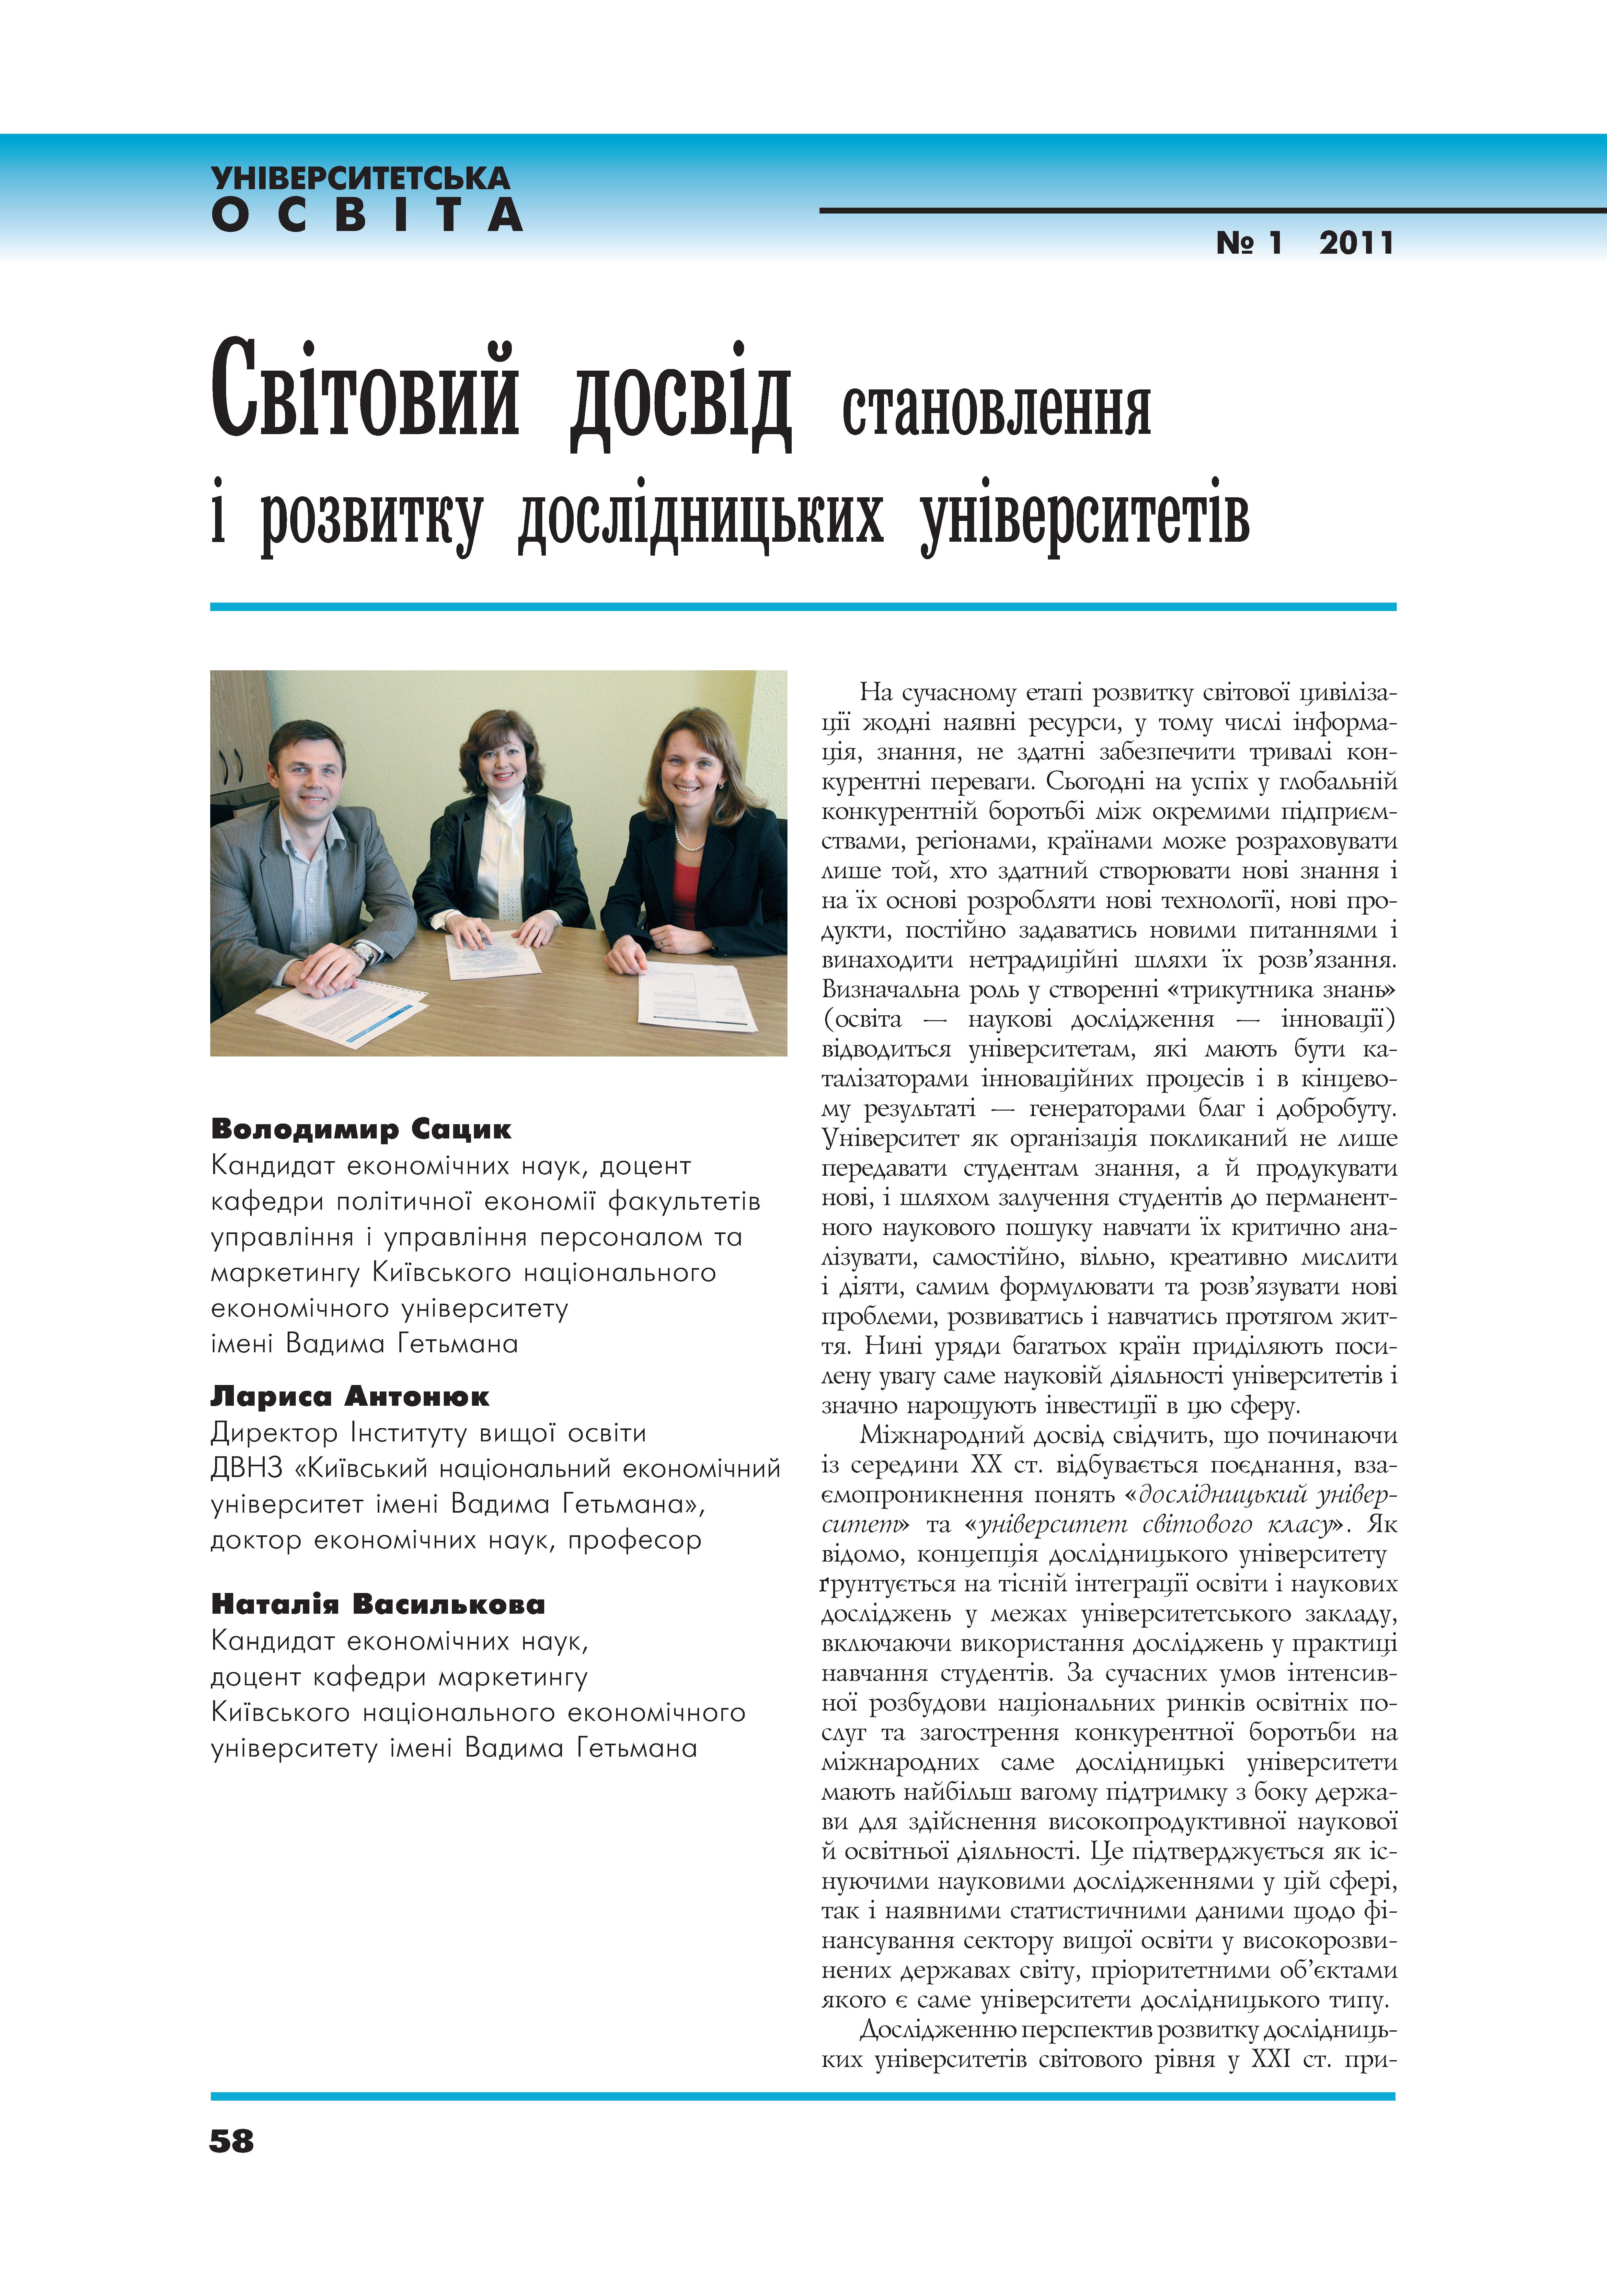 Pages from Satsyk_Antonuik_Vasilkova